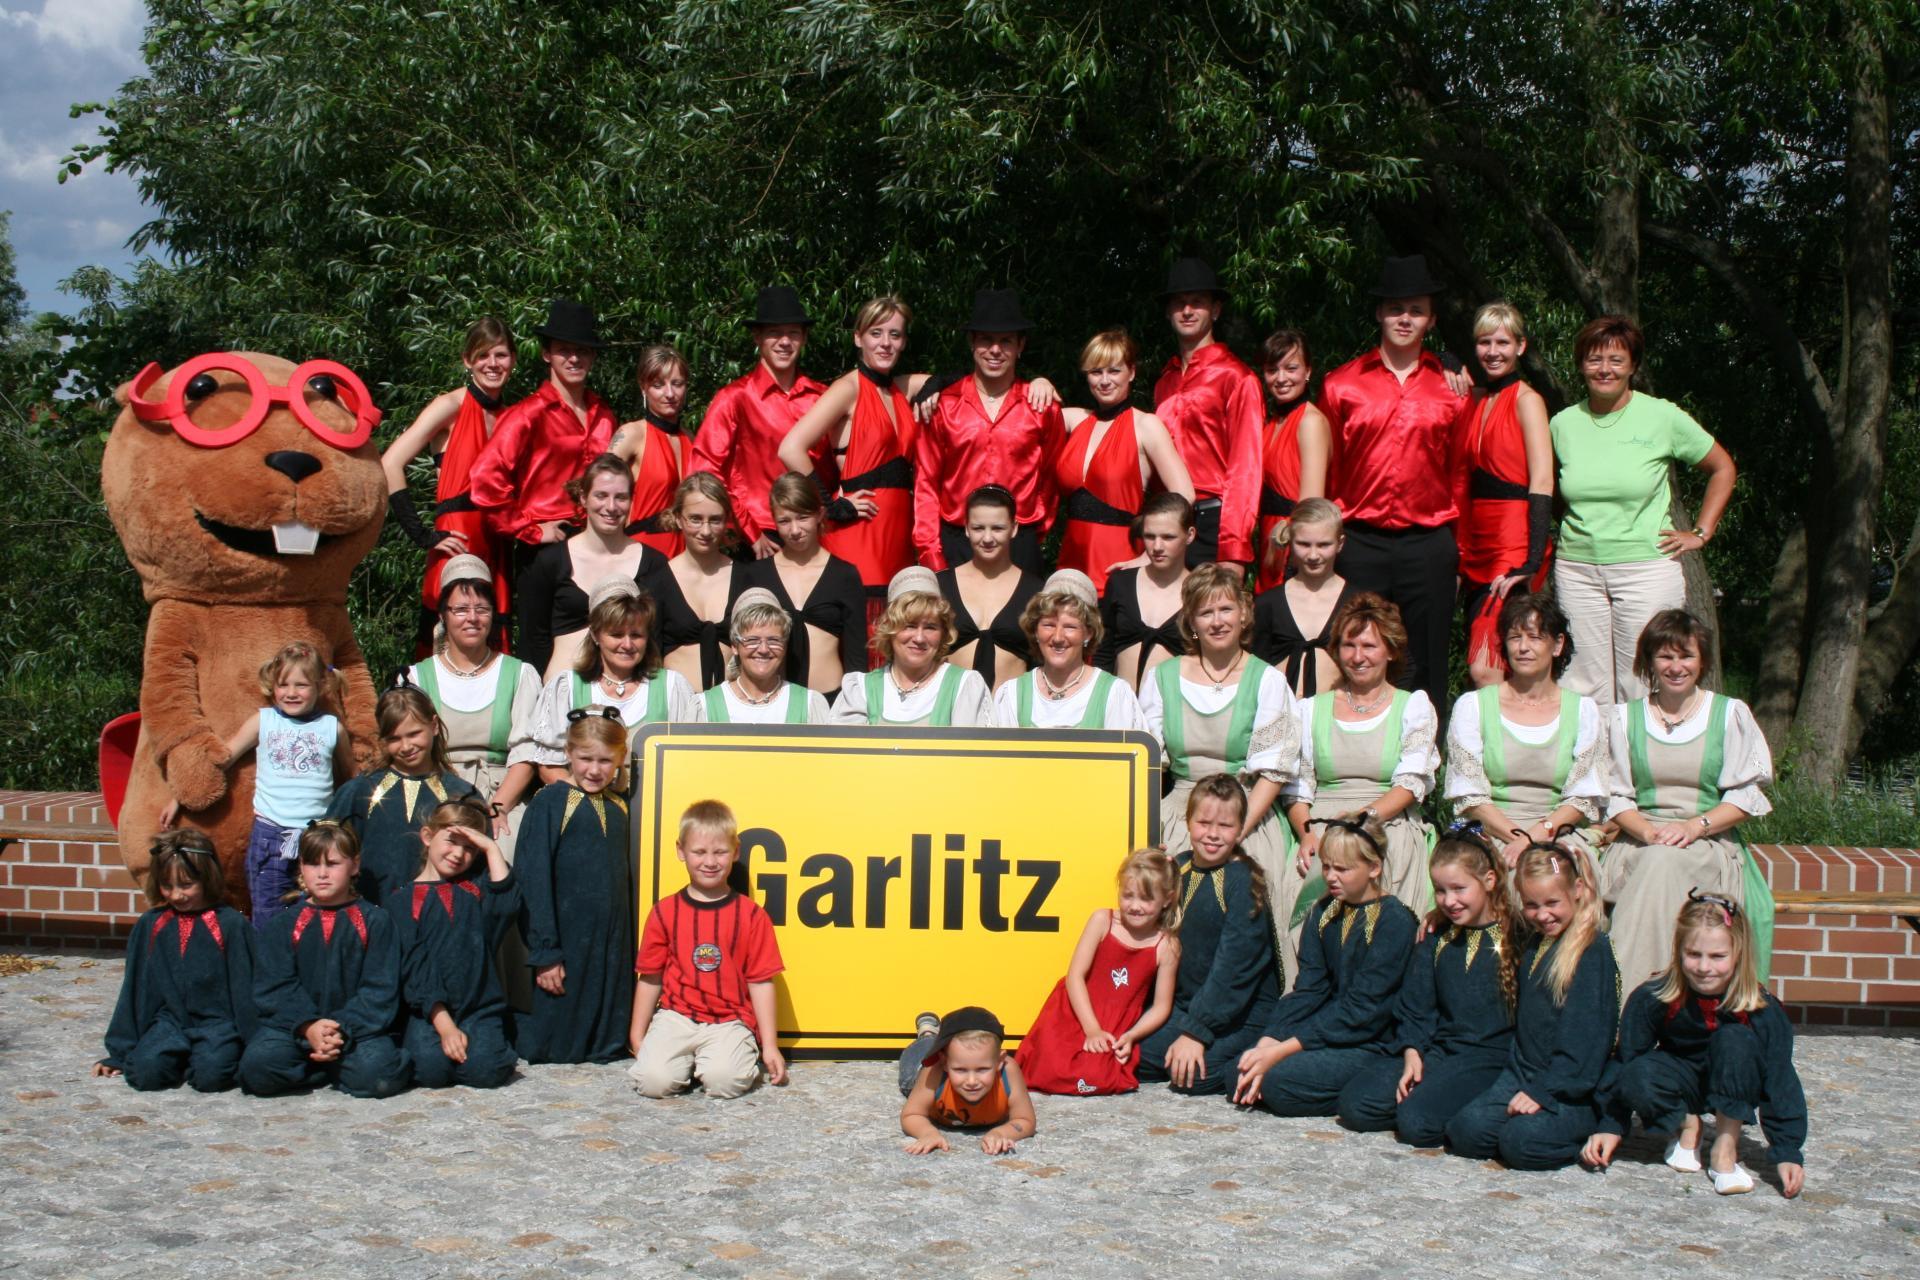 Garlitz LAGA